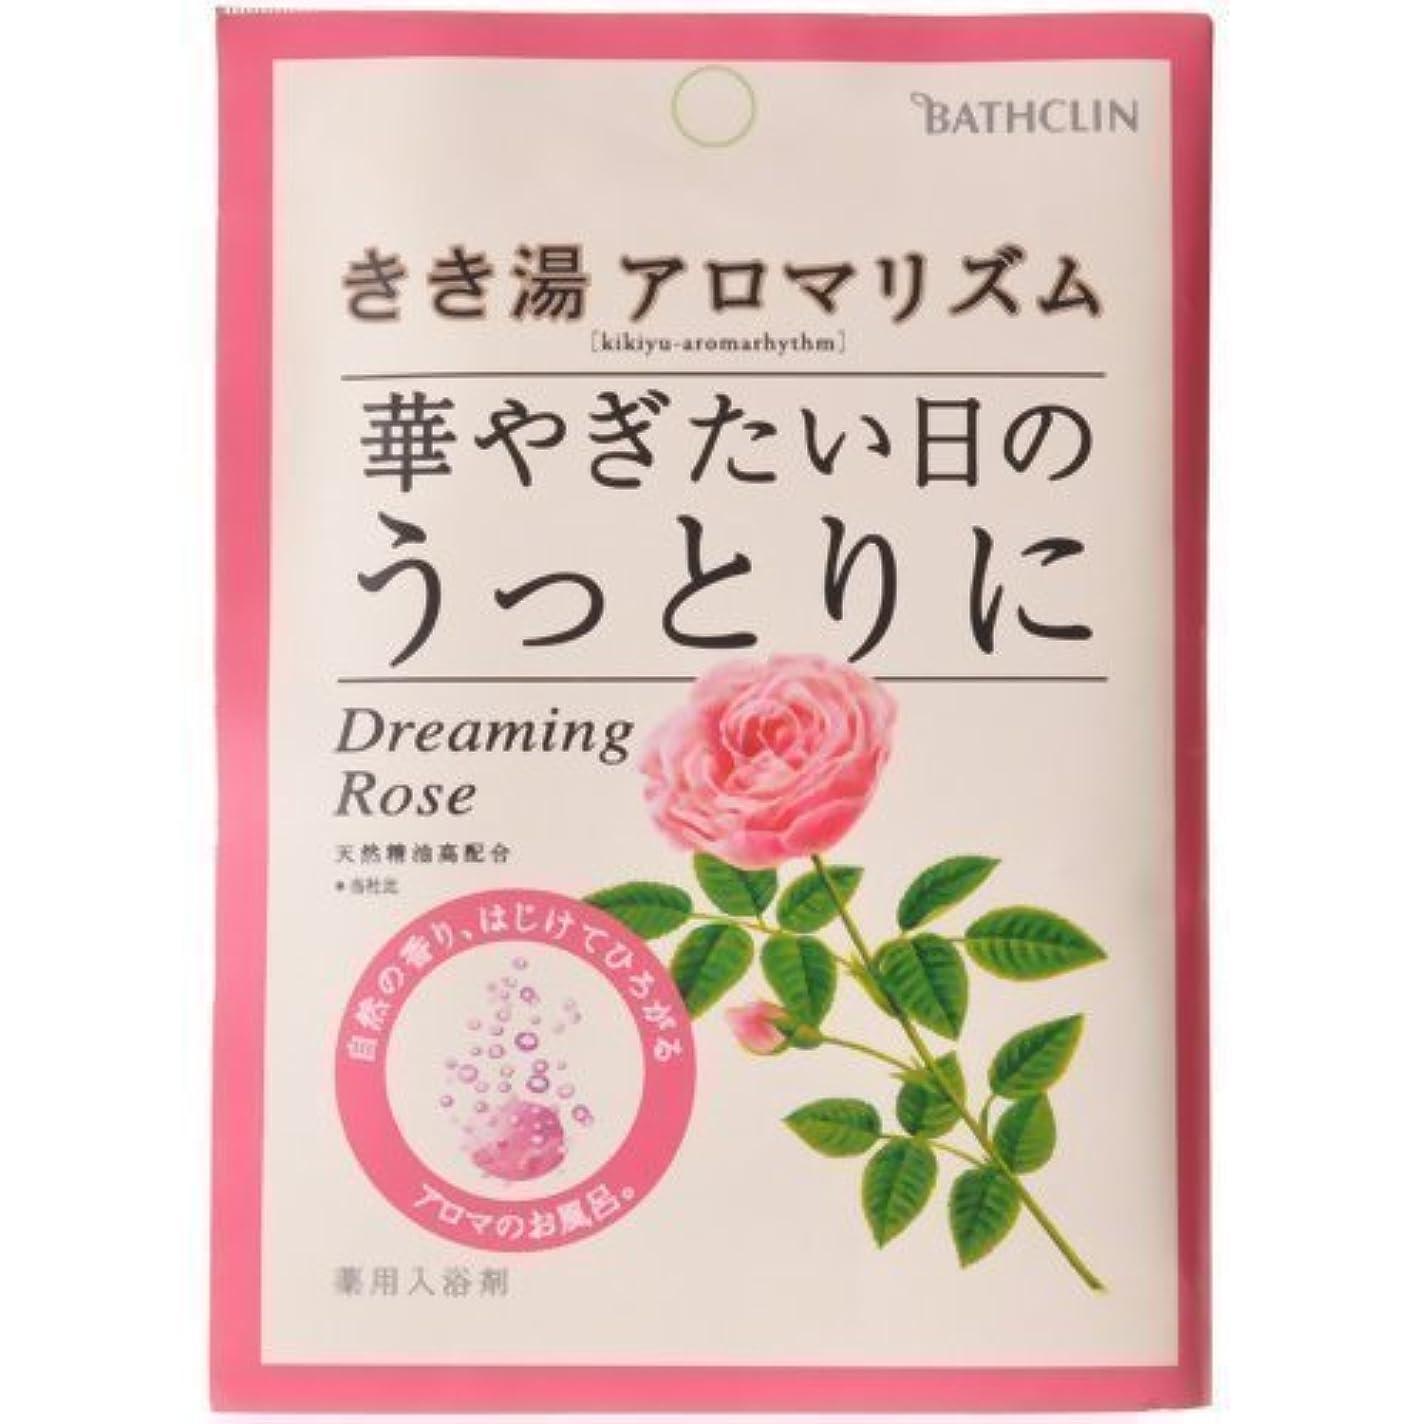 彼らの定説【まとめ買い】きき湯 アロマリズム ドリーミングローズの香り 30g ×5個